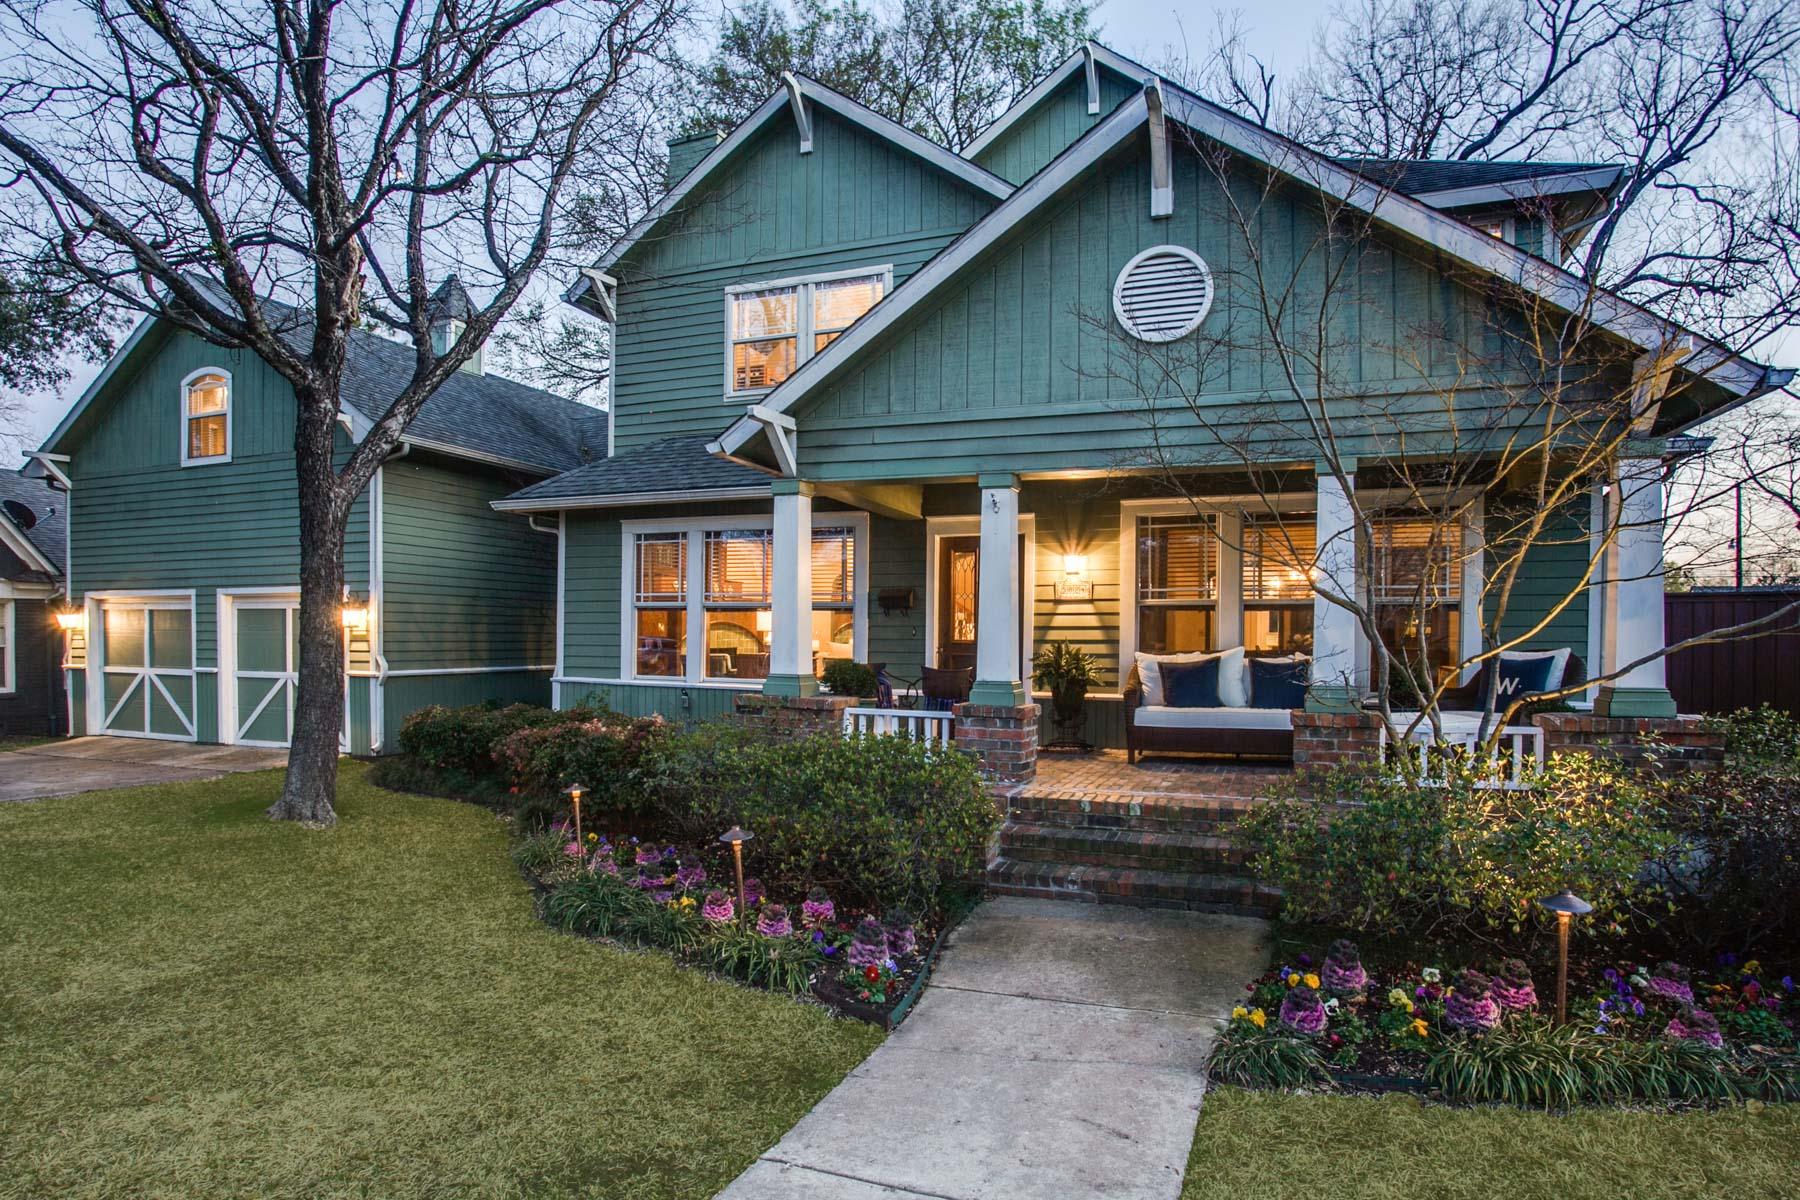 独户住宅 为 销售 在 M Streets Craftsman Charmer 5824 Marquita Avenue 达拉斯, 得克萨斯州, 75206 美国